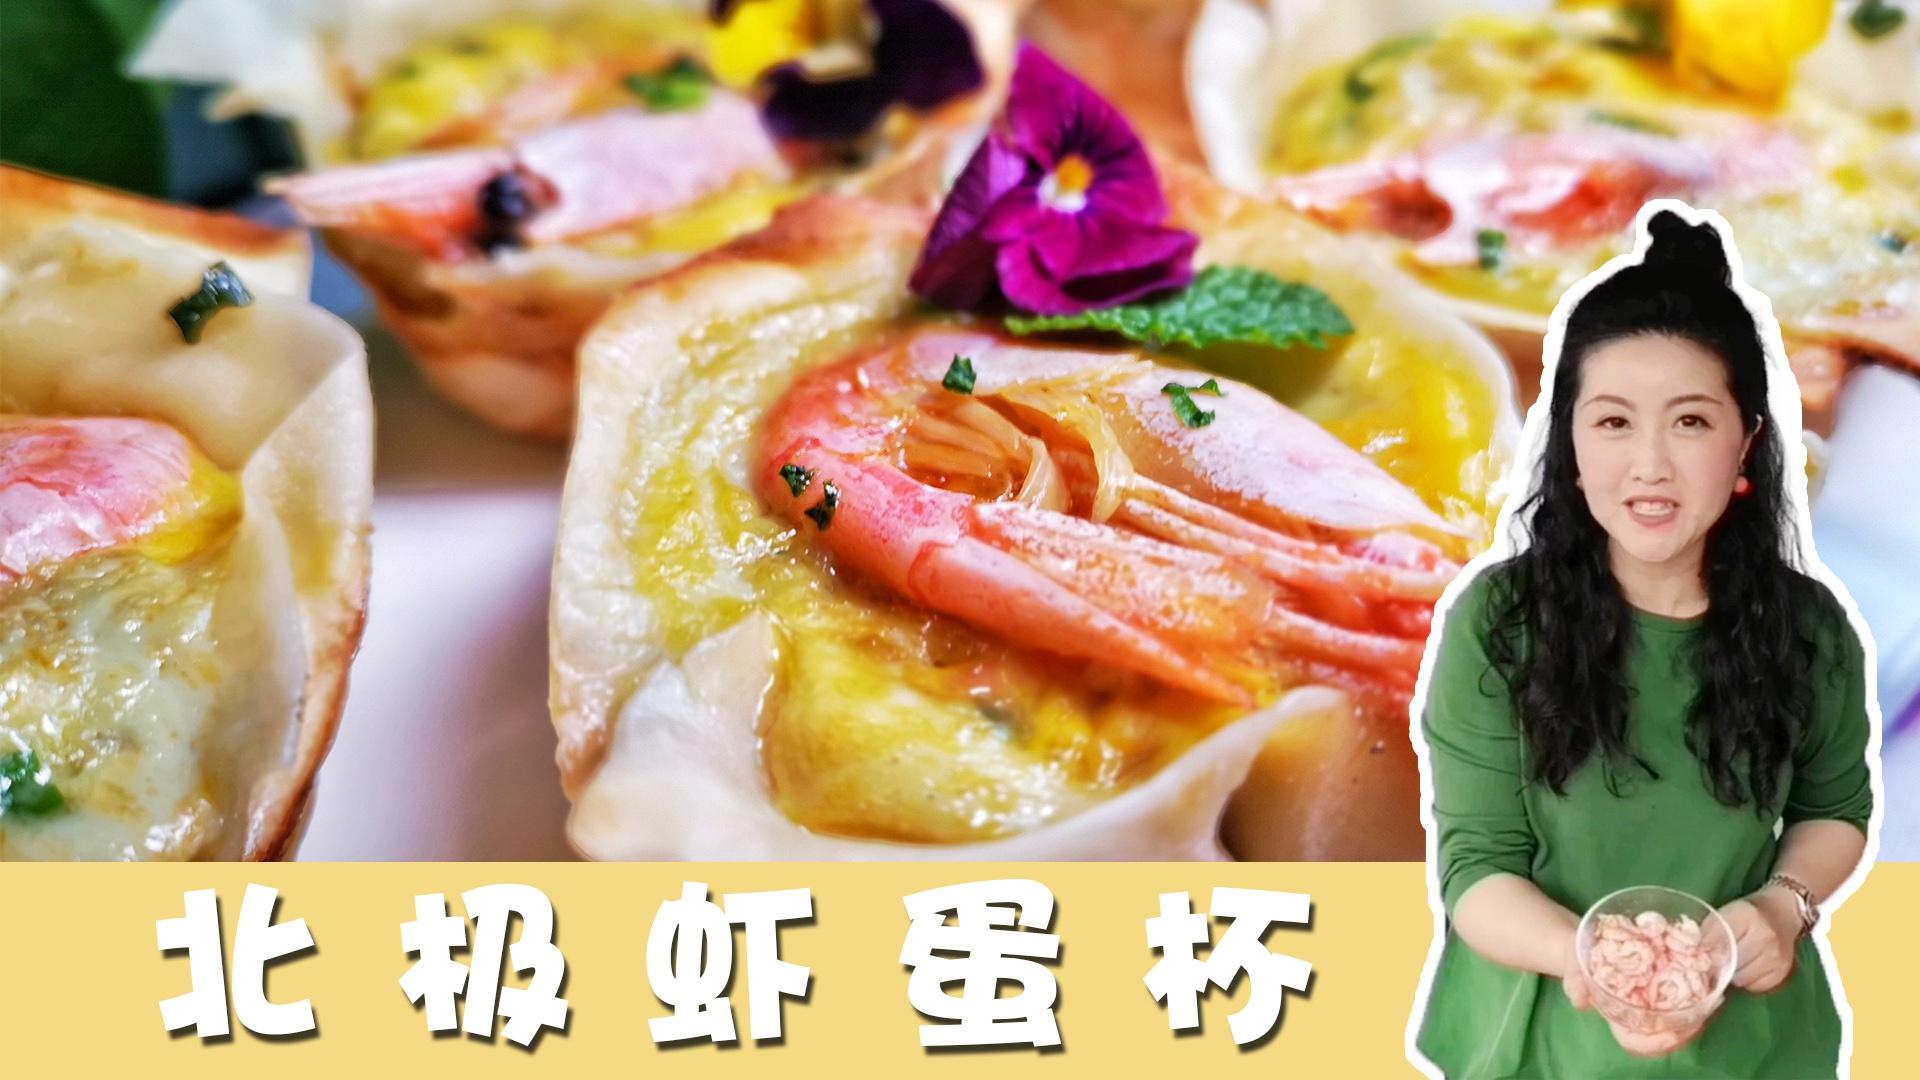 加拿大北极虾馄饨蛋杯,美食派对精致养眼餐!